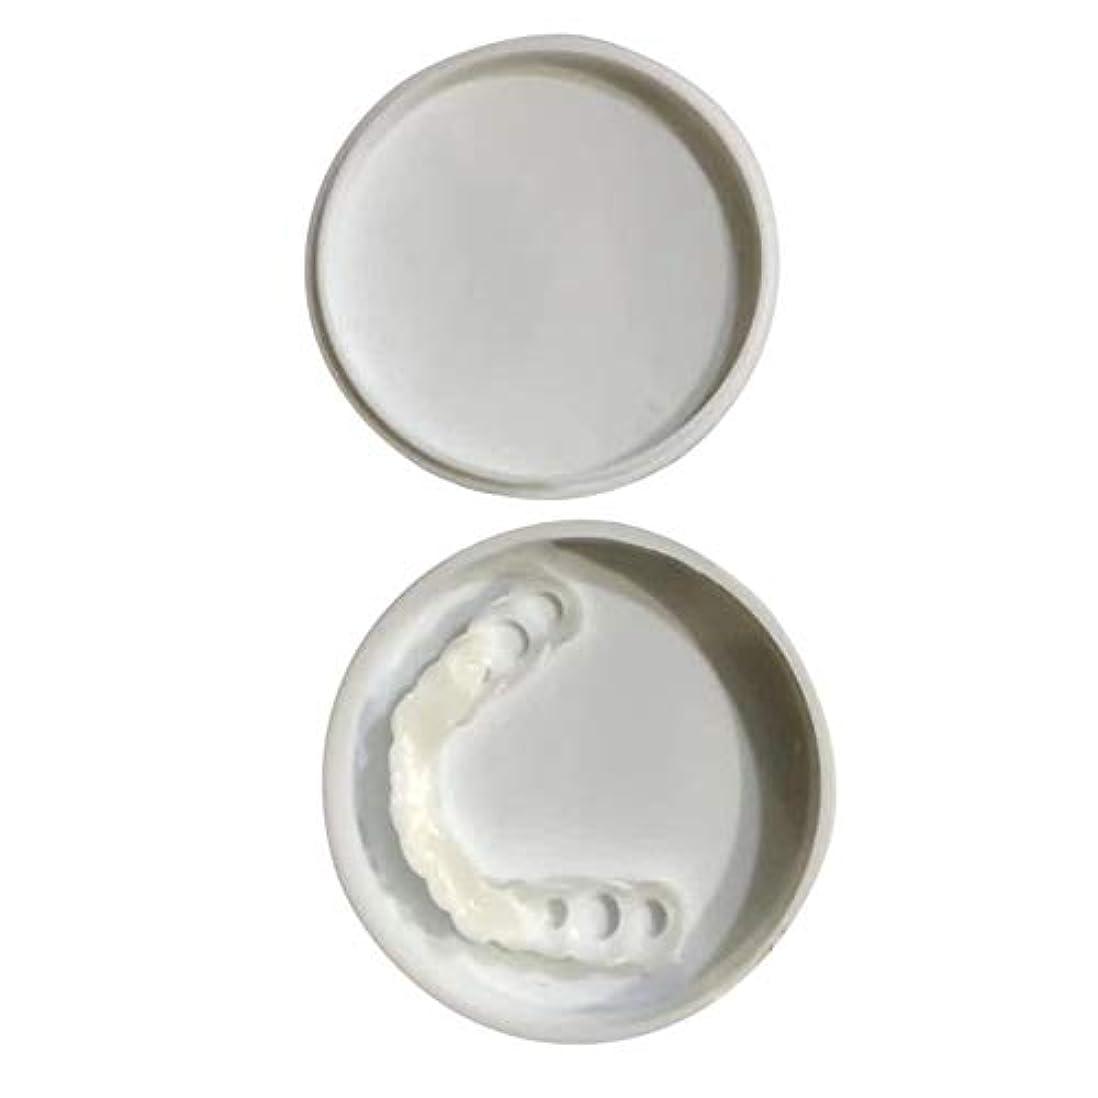 酸素ビジュアル永遠の快適なスナップオン男性女性歯インスタントパーフェクトスマイルコンフォートフィットフレックス歯フィットホワイトニング笑顔偽歯カバー - ホワイト